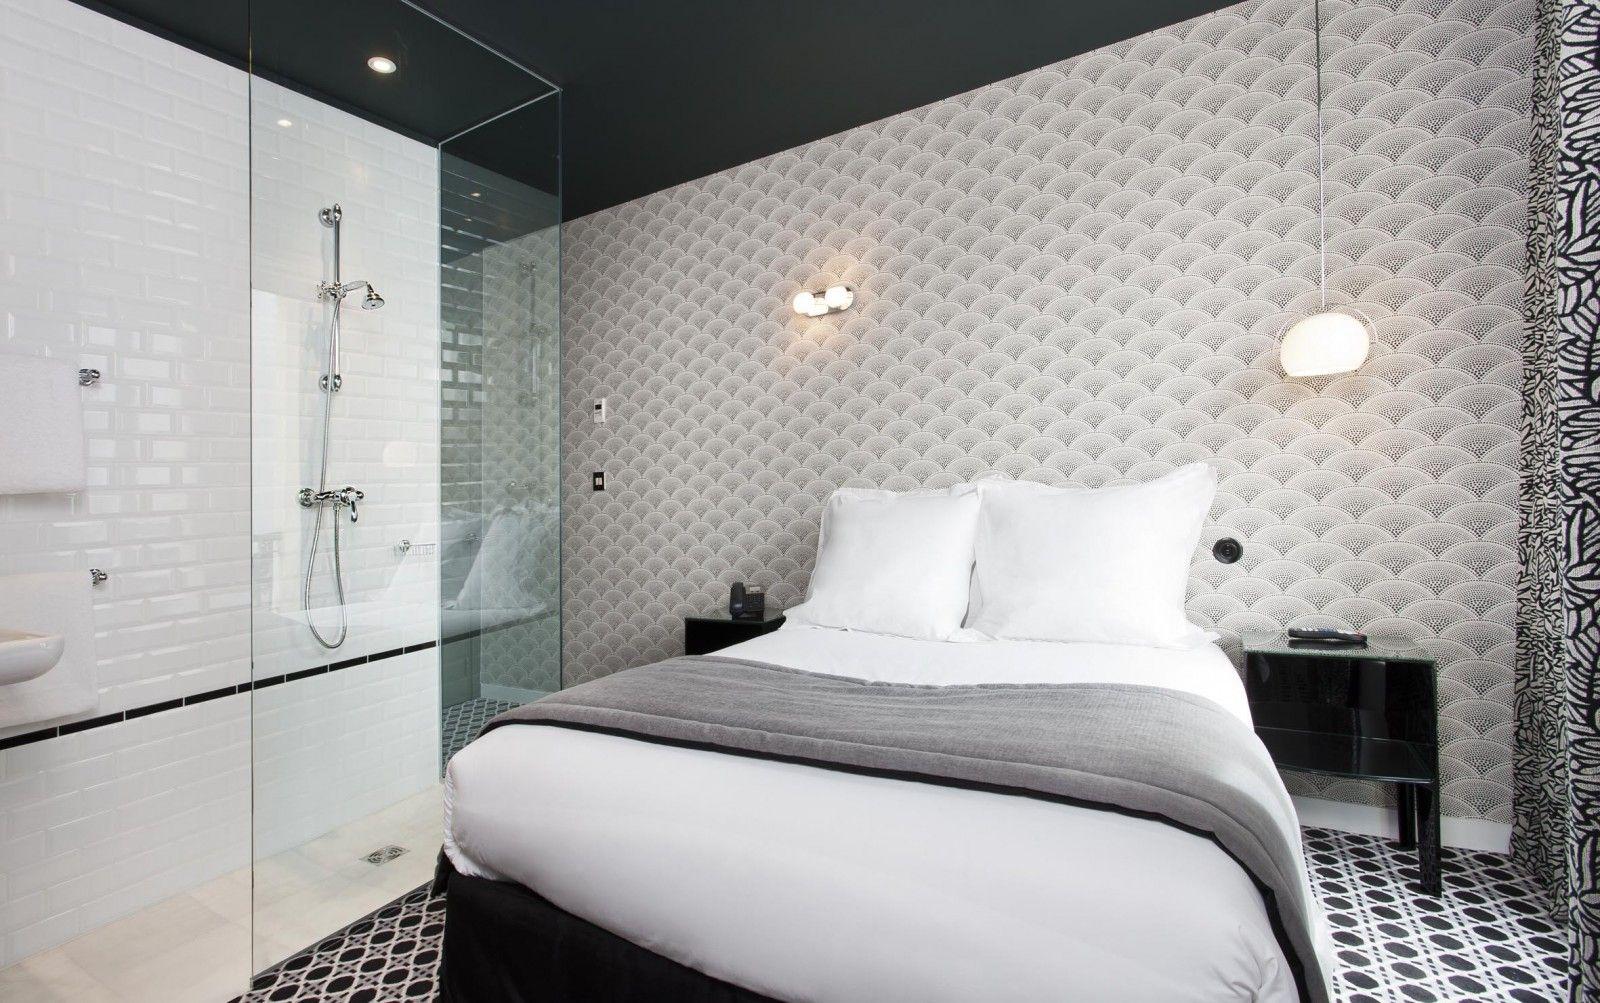 Hotel Emile Parijs : Hotel emile paris official site boutique hotel marais paris